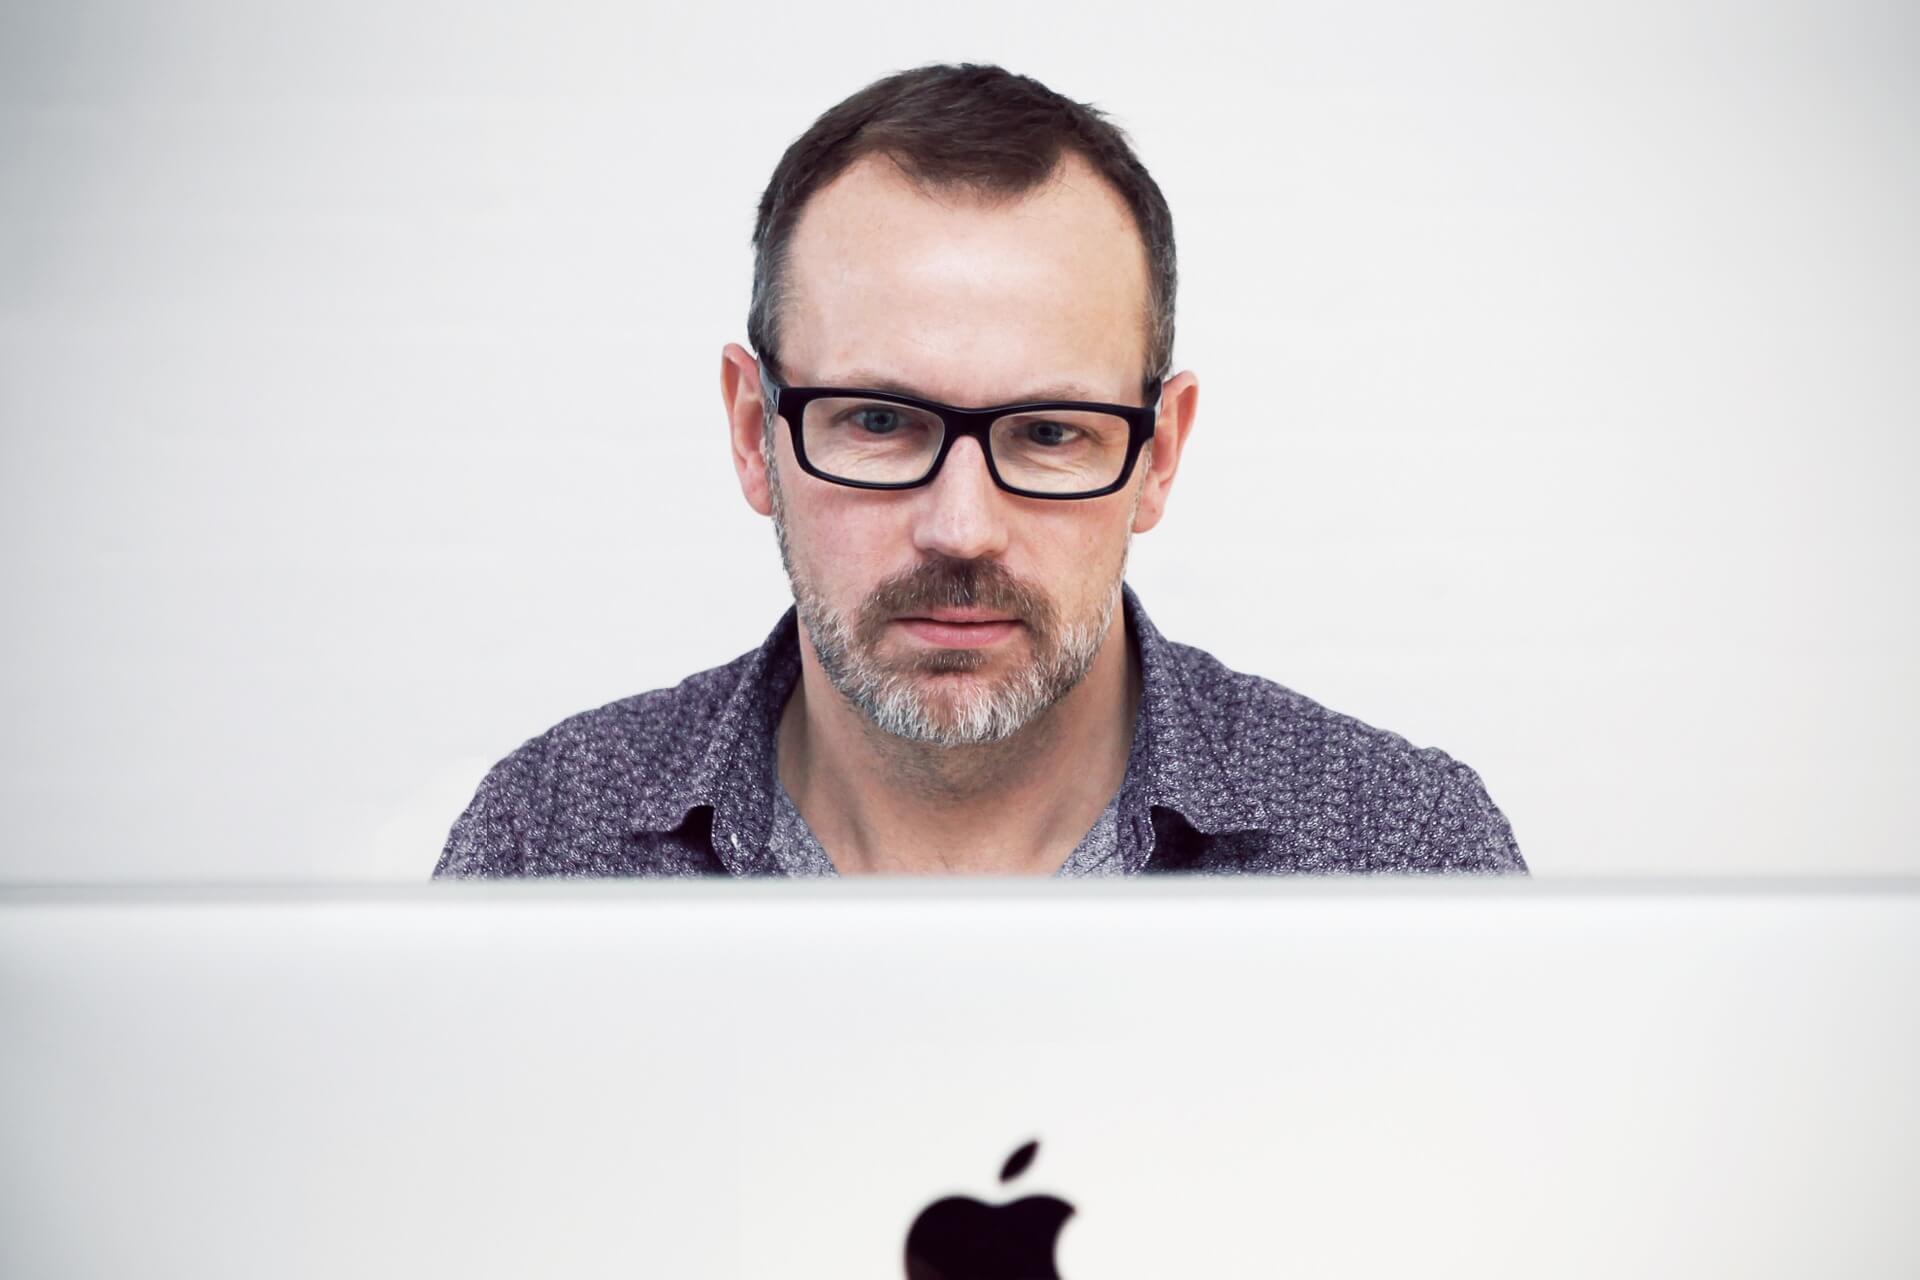 Зачем нужны офисные линзы?